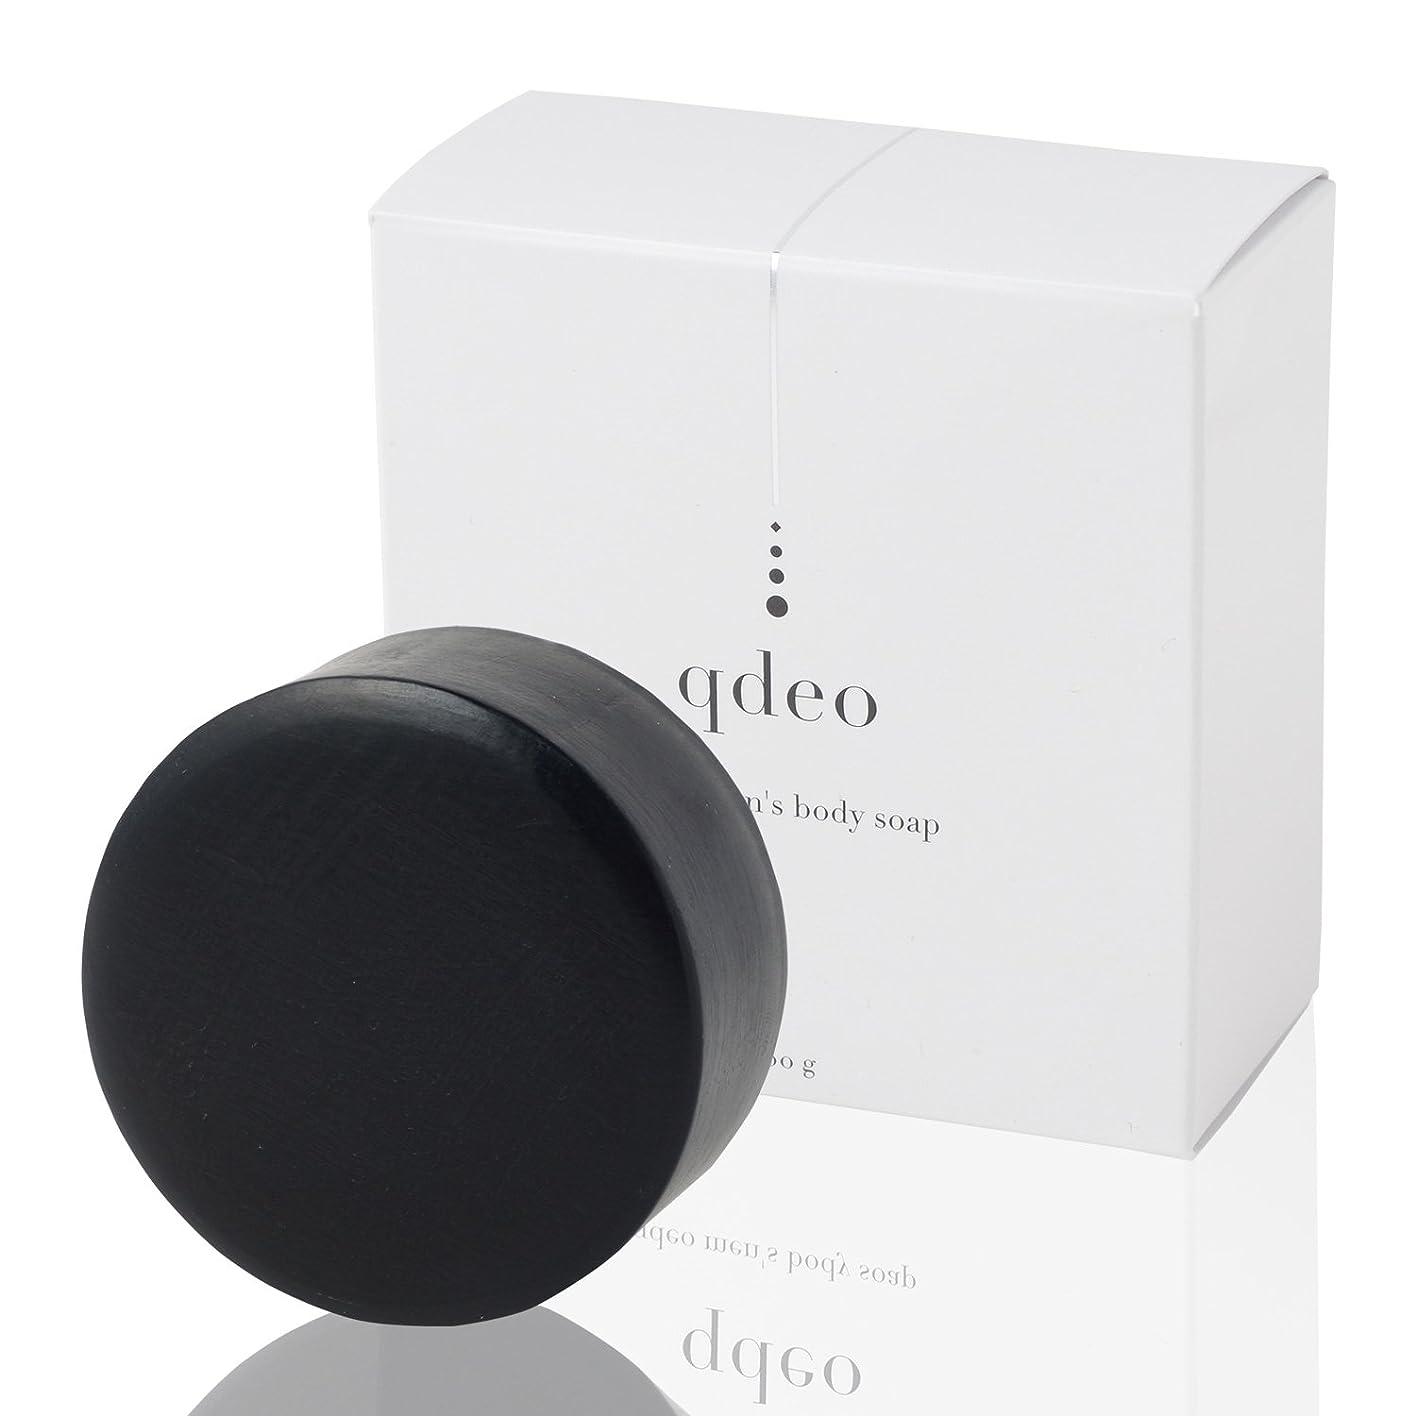 何故なの欺武装解除クデオ メンズ ボディソープ 100g 石鹸 固形 体臭 ワキガ 足の臭い 加齢臭 デリケートゾーン